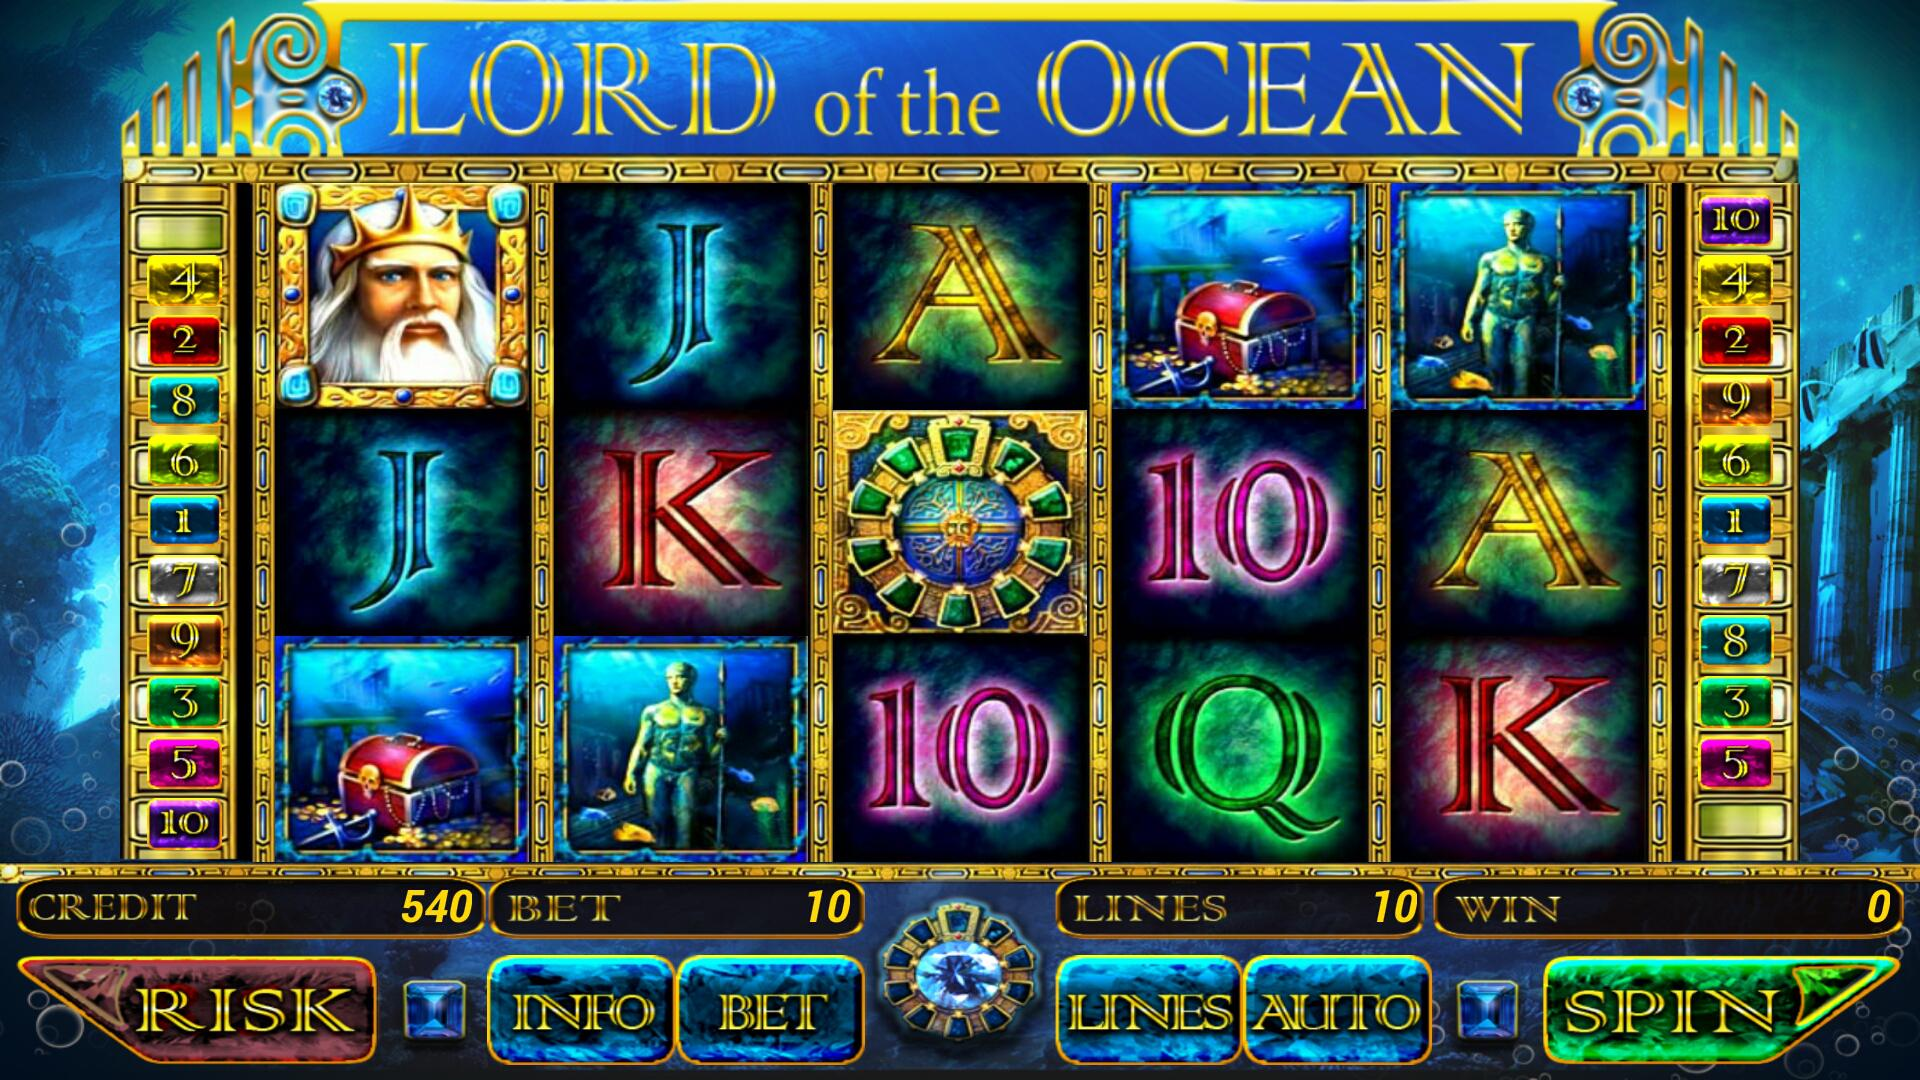 Lord of the Ocean Spielübersicht Display der Slots